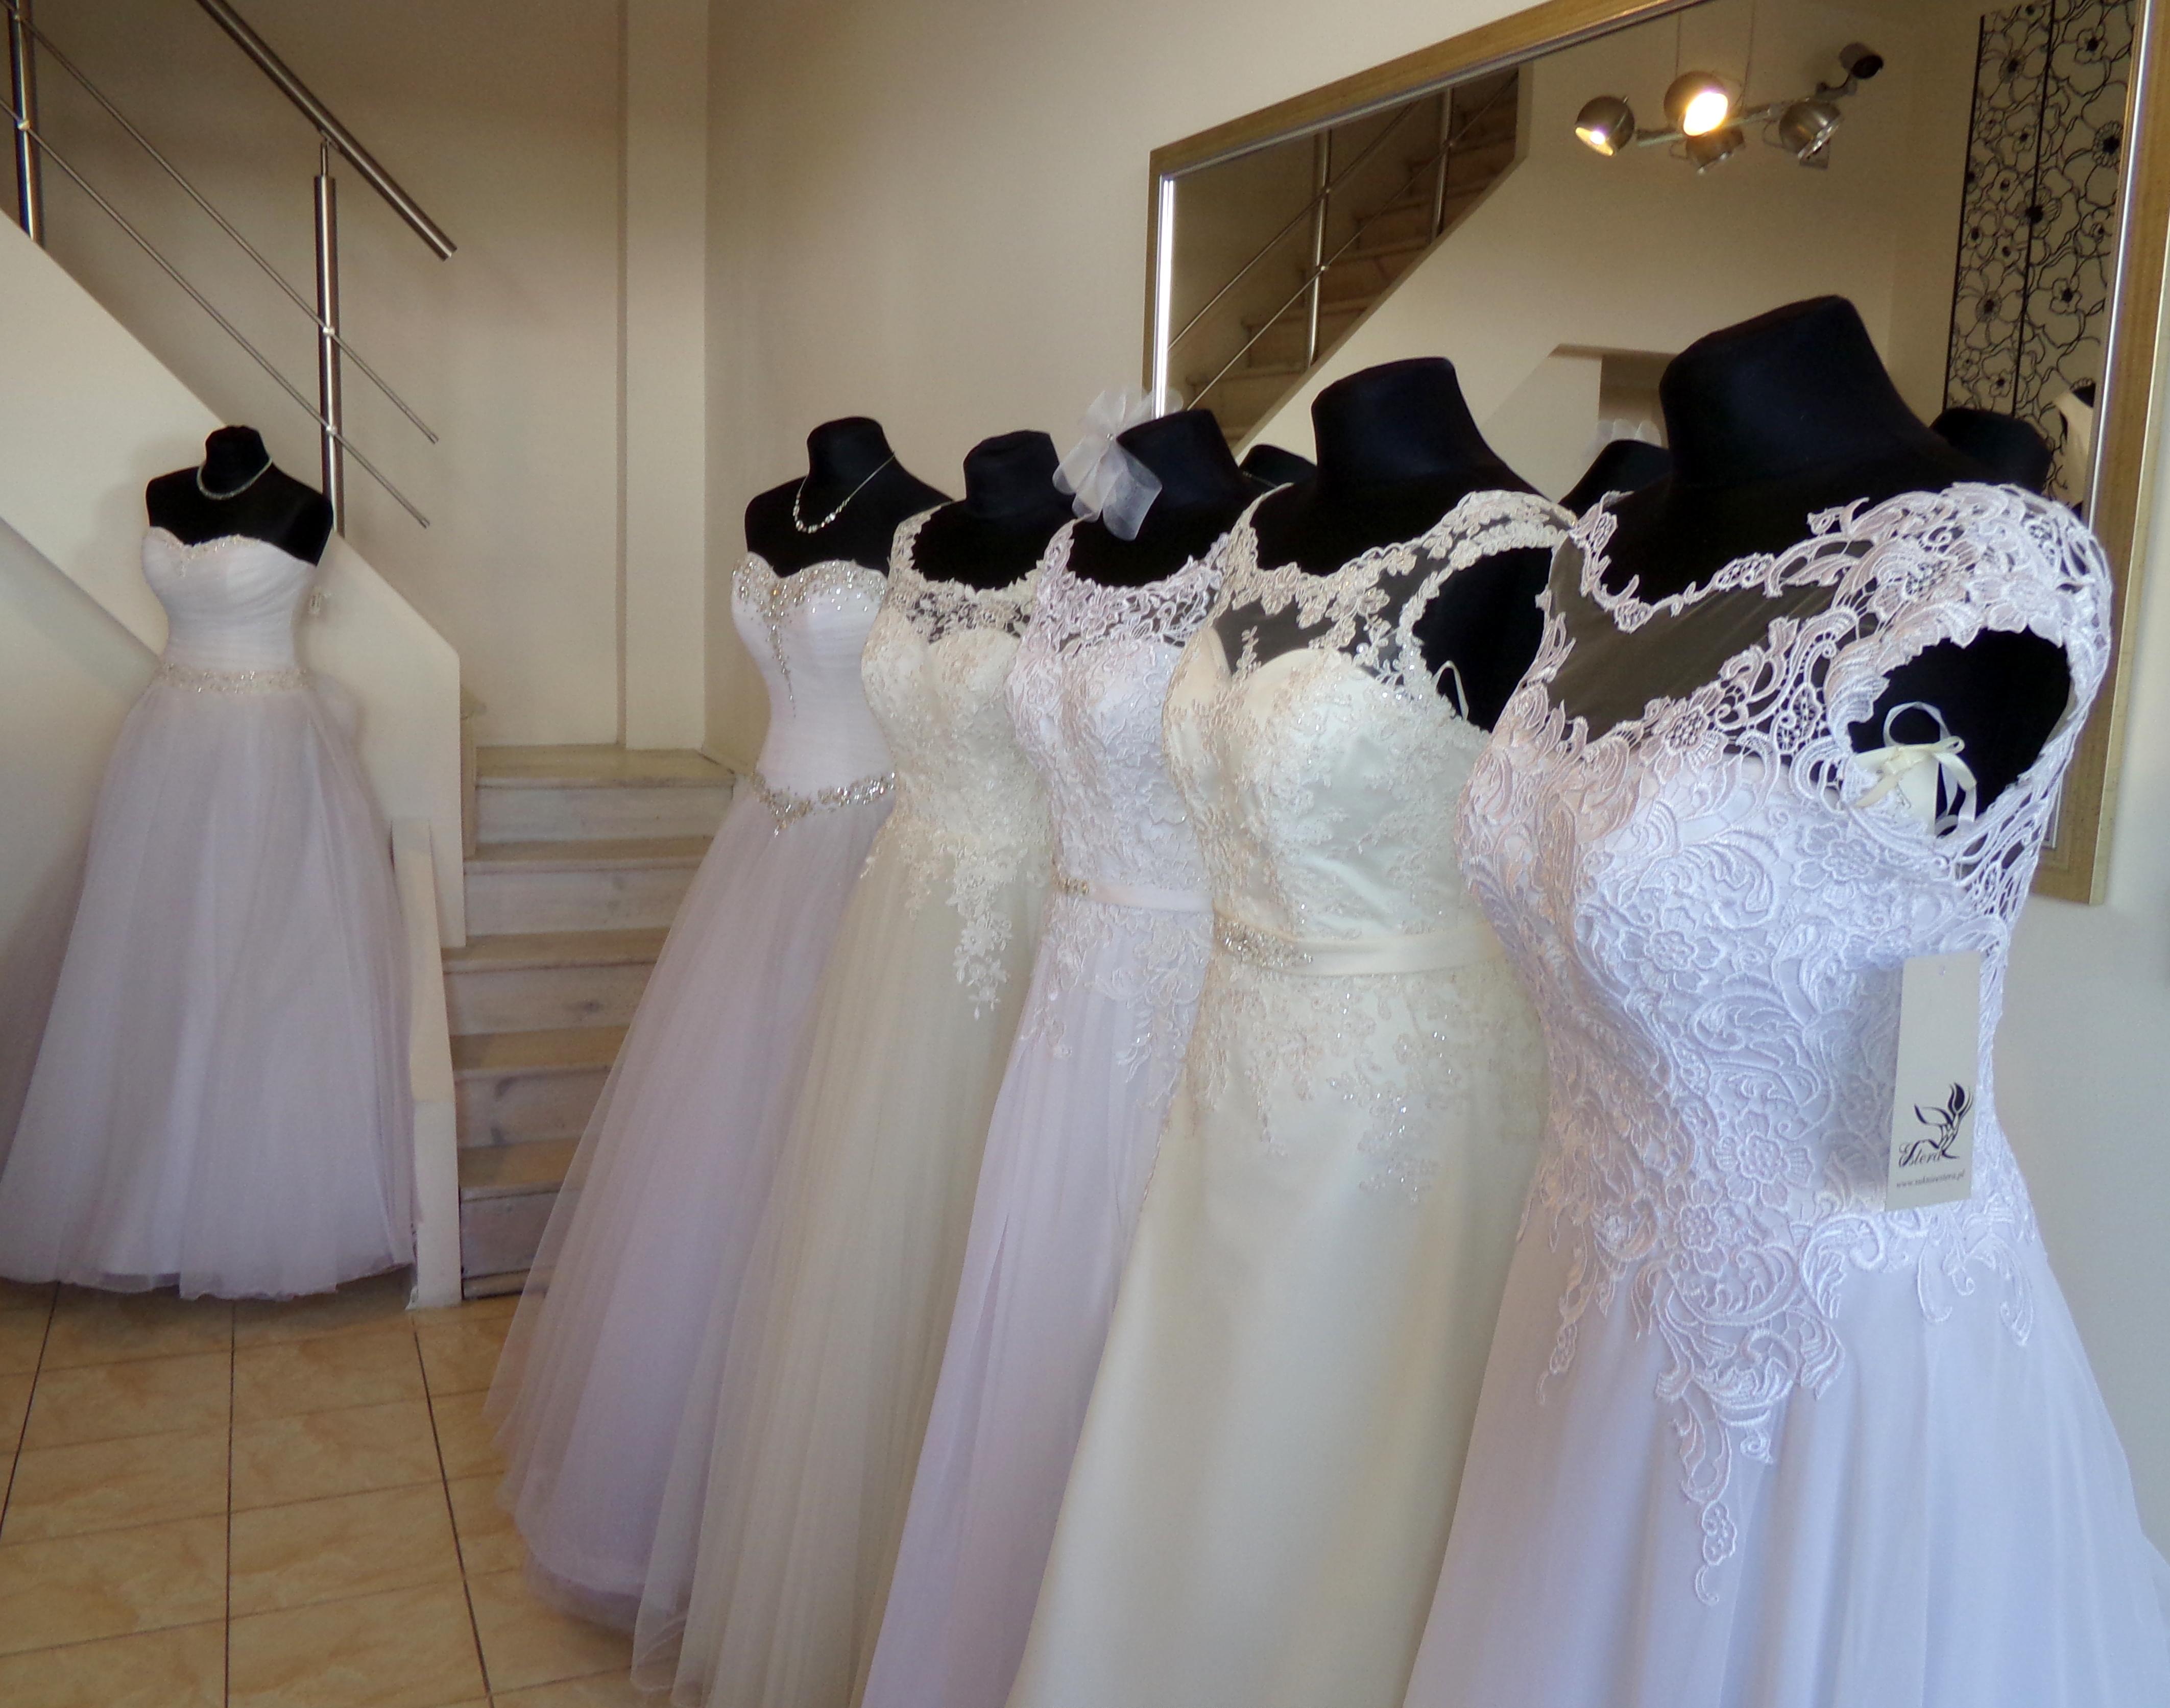 84759586 Zajmujemy się również czyszczeniem i praniem sukni ślubnych. Nasza oferta  jest skierowana do Pań ceniących sobie dobrą jakość oraz profesjonalizm.